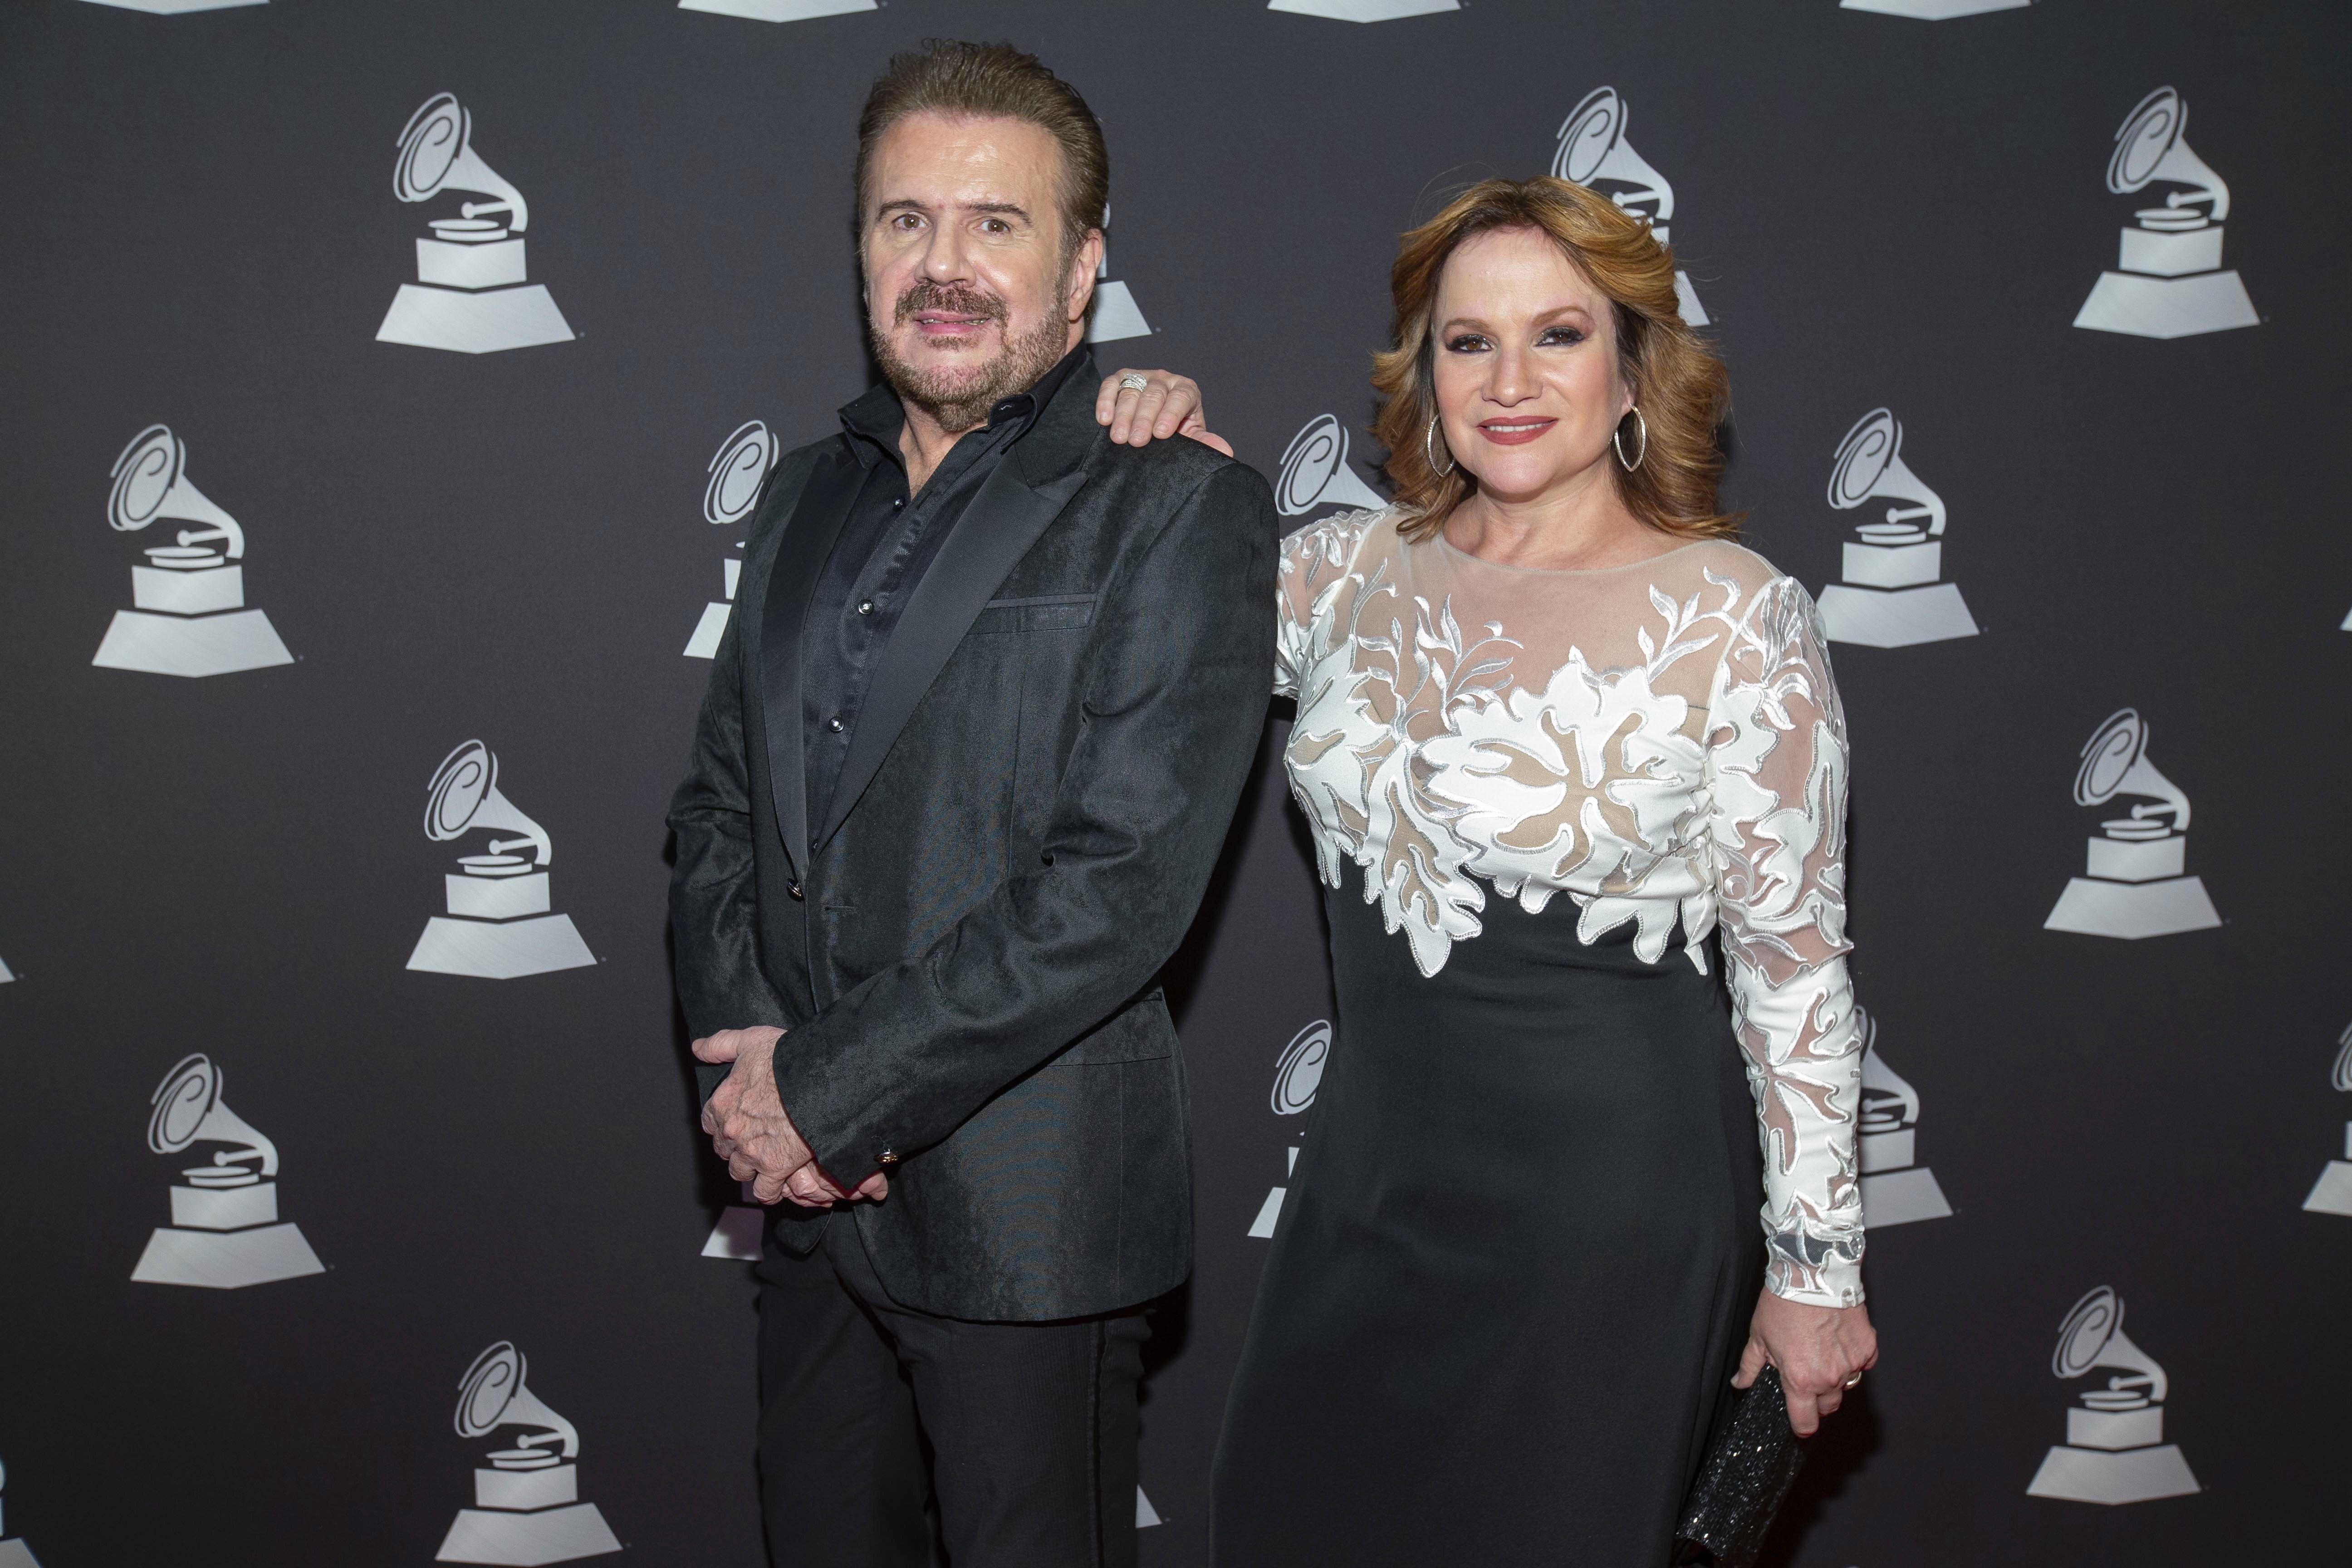 Los hermanos Joaquín y Lucía Galán, de Pimpinela, llegan a la entrega de los premios especiales de los Latin Grammy el 13 de noviembre de 2019 en Las Vegas.